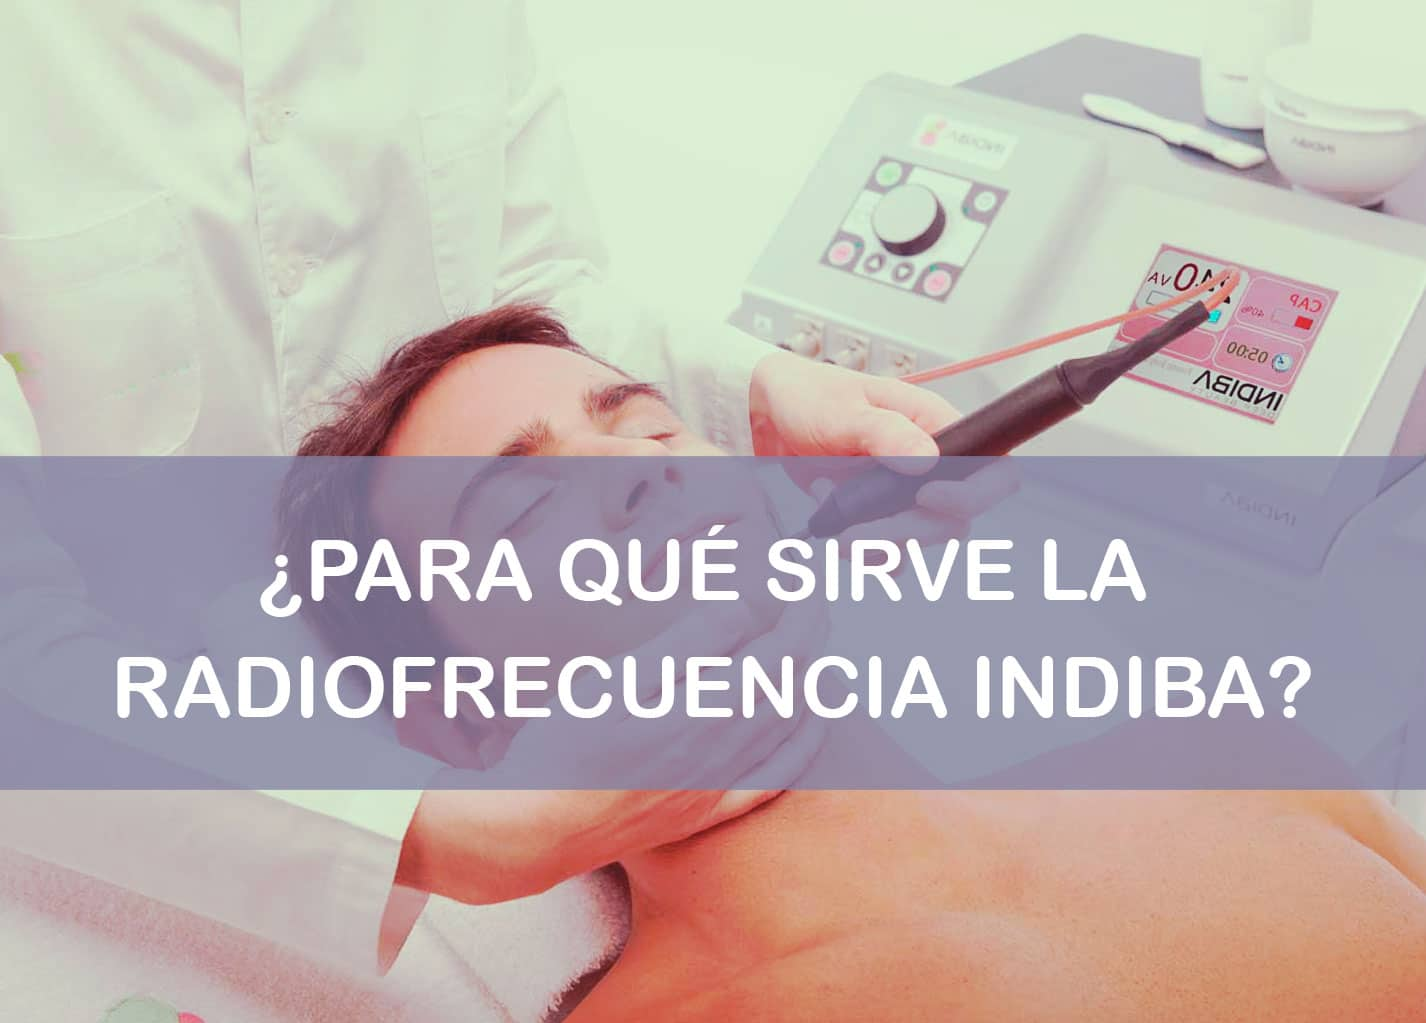 Radiofrecuencia INDIBA ® - Información, Precios y Opiniones